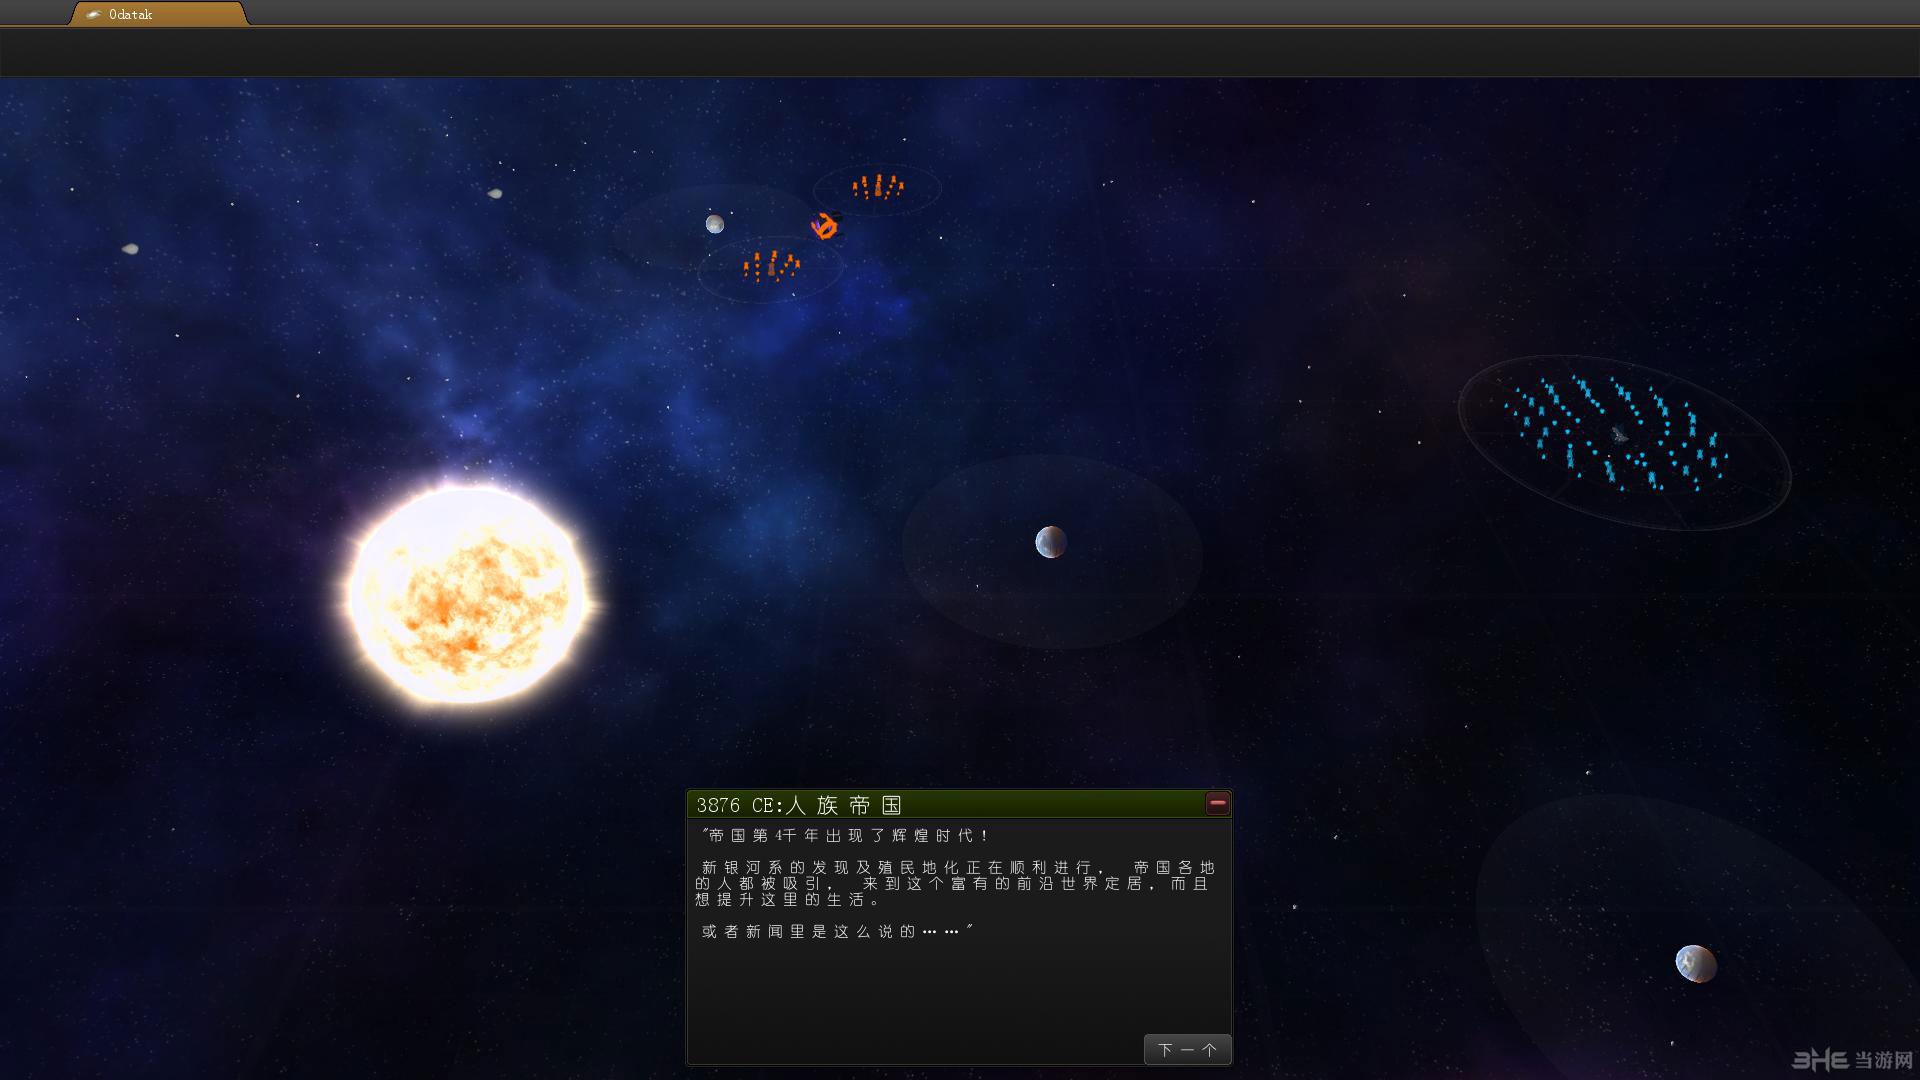 星际统治者2简体中文汉化补丁截图3